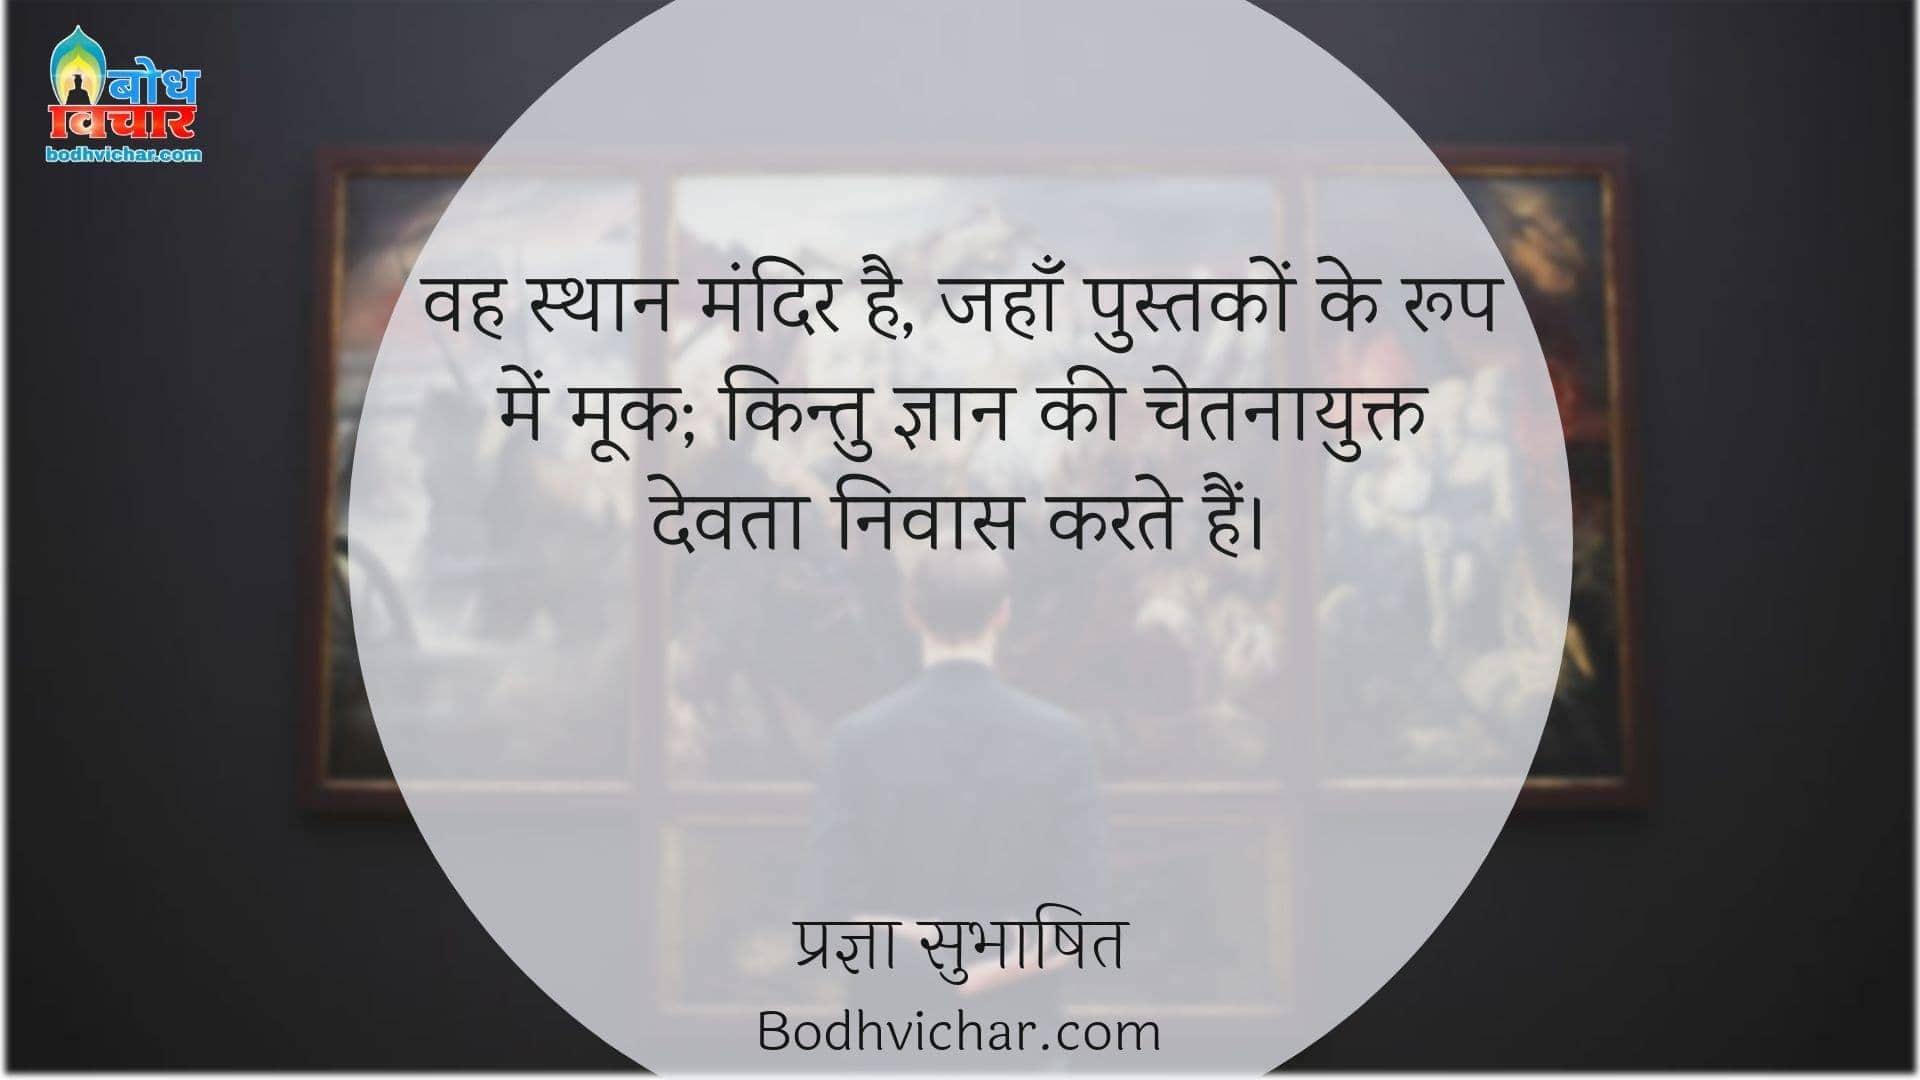 वह स्थान मंदिर है, जहाँ पुस्तकों के रूप में मूक; किन्तु ज्ञान की चेतनायुक्त देवता निवास करते हैं। : Vah sthan mandir hai, jahan pustako ke roop me mook kintu gyaan ki chetnayukt devta nivas karte hain. - प्रज्ञा सुभाषित